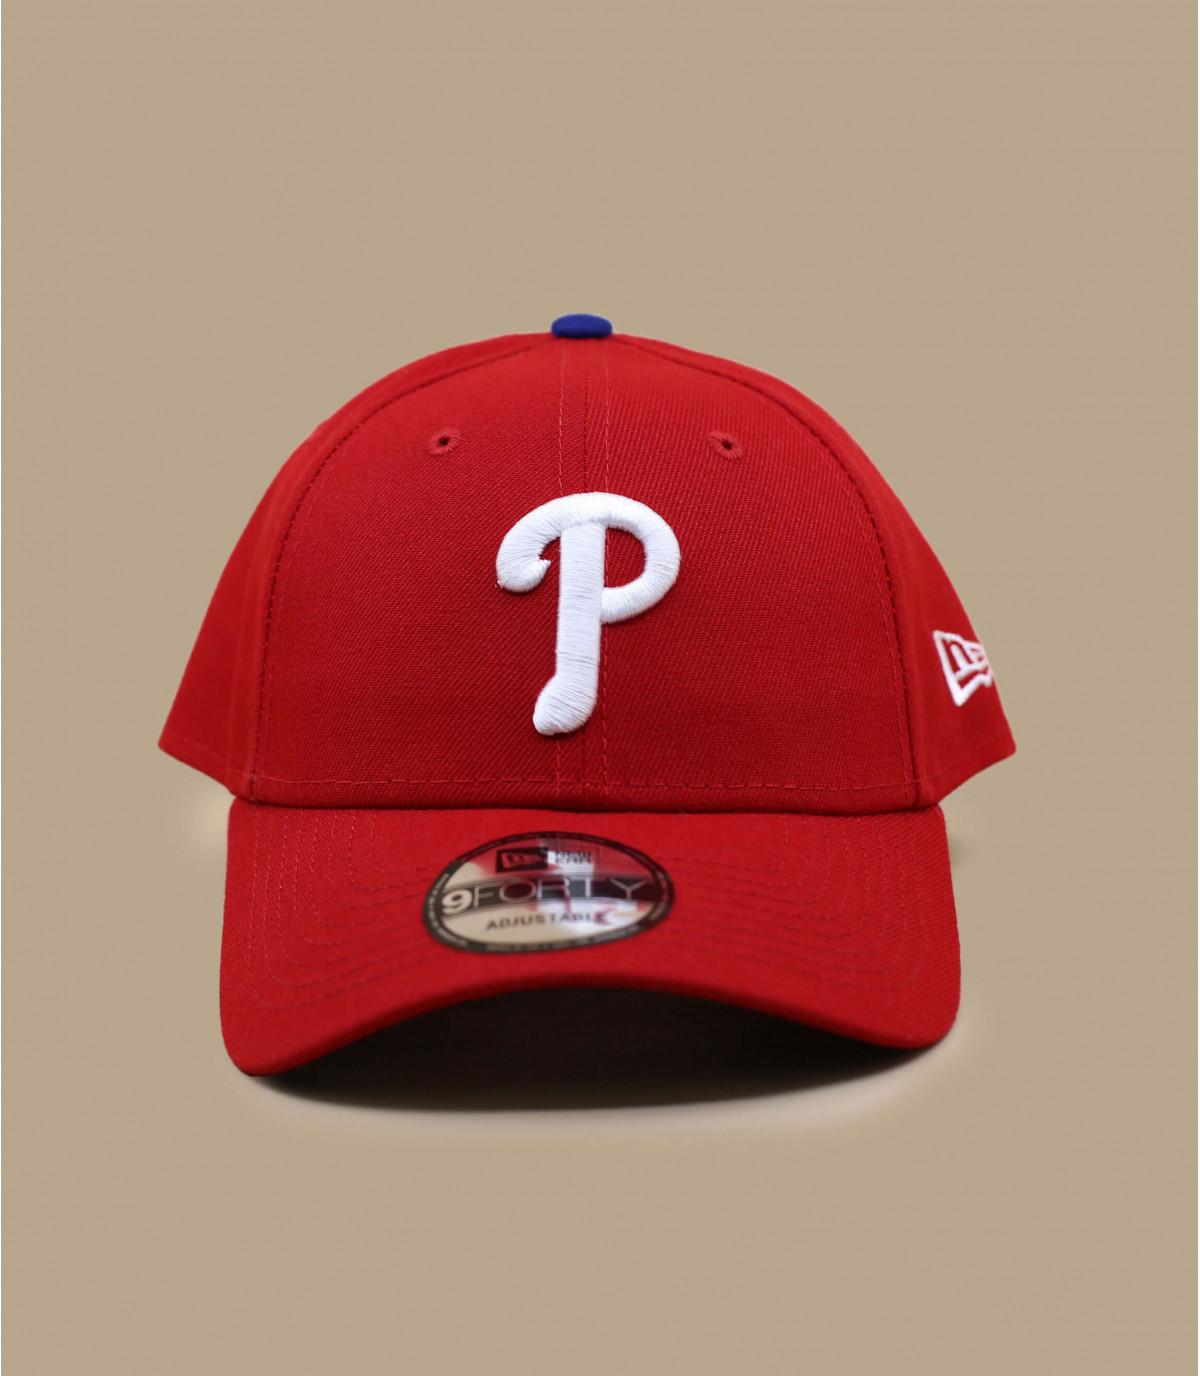 red P cap